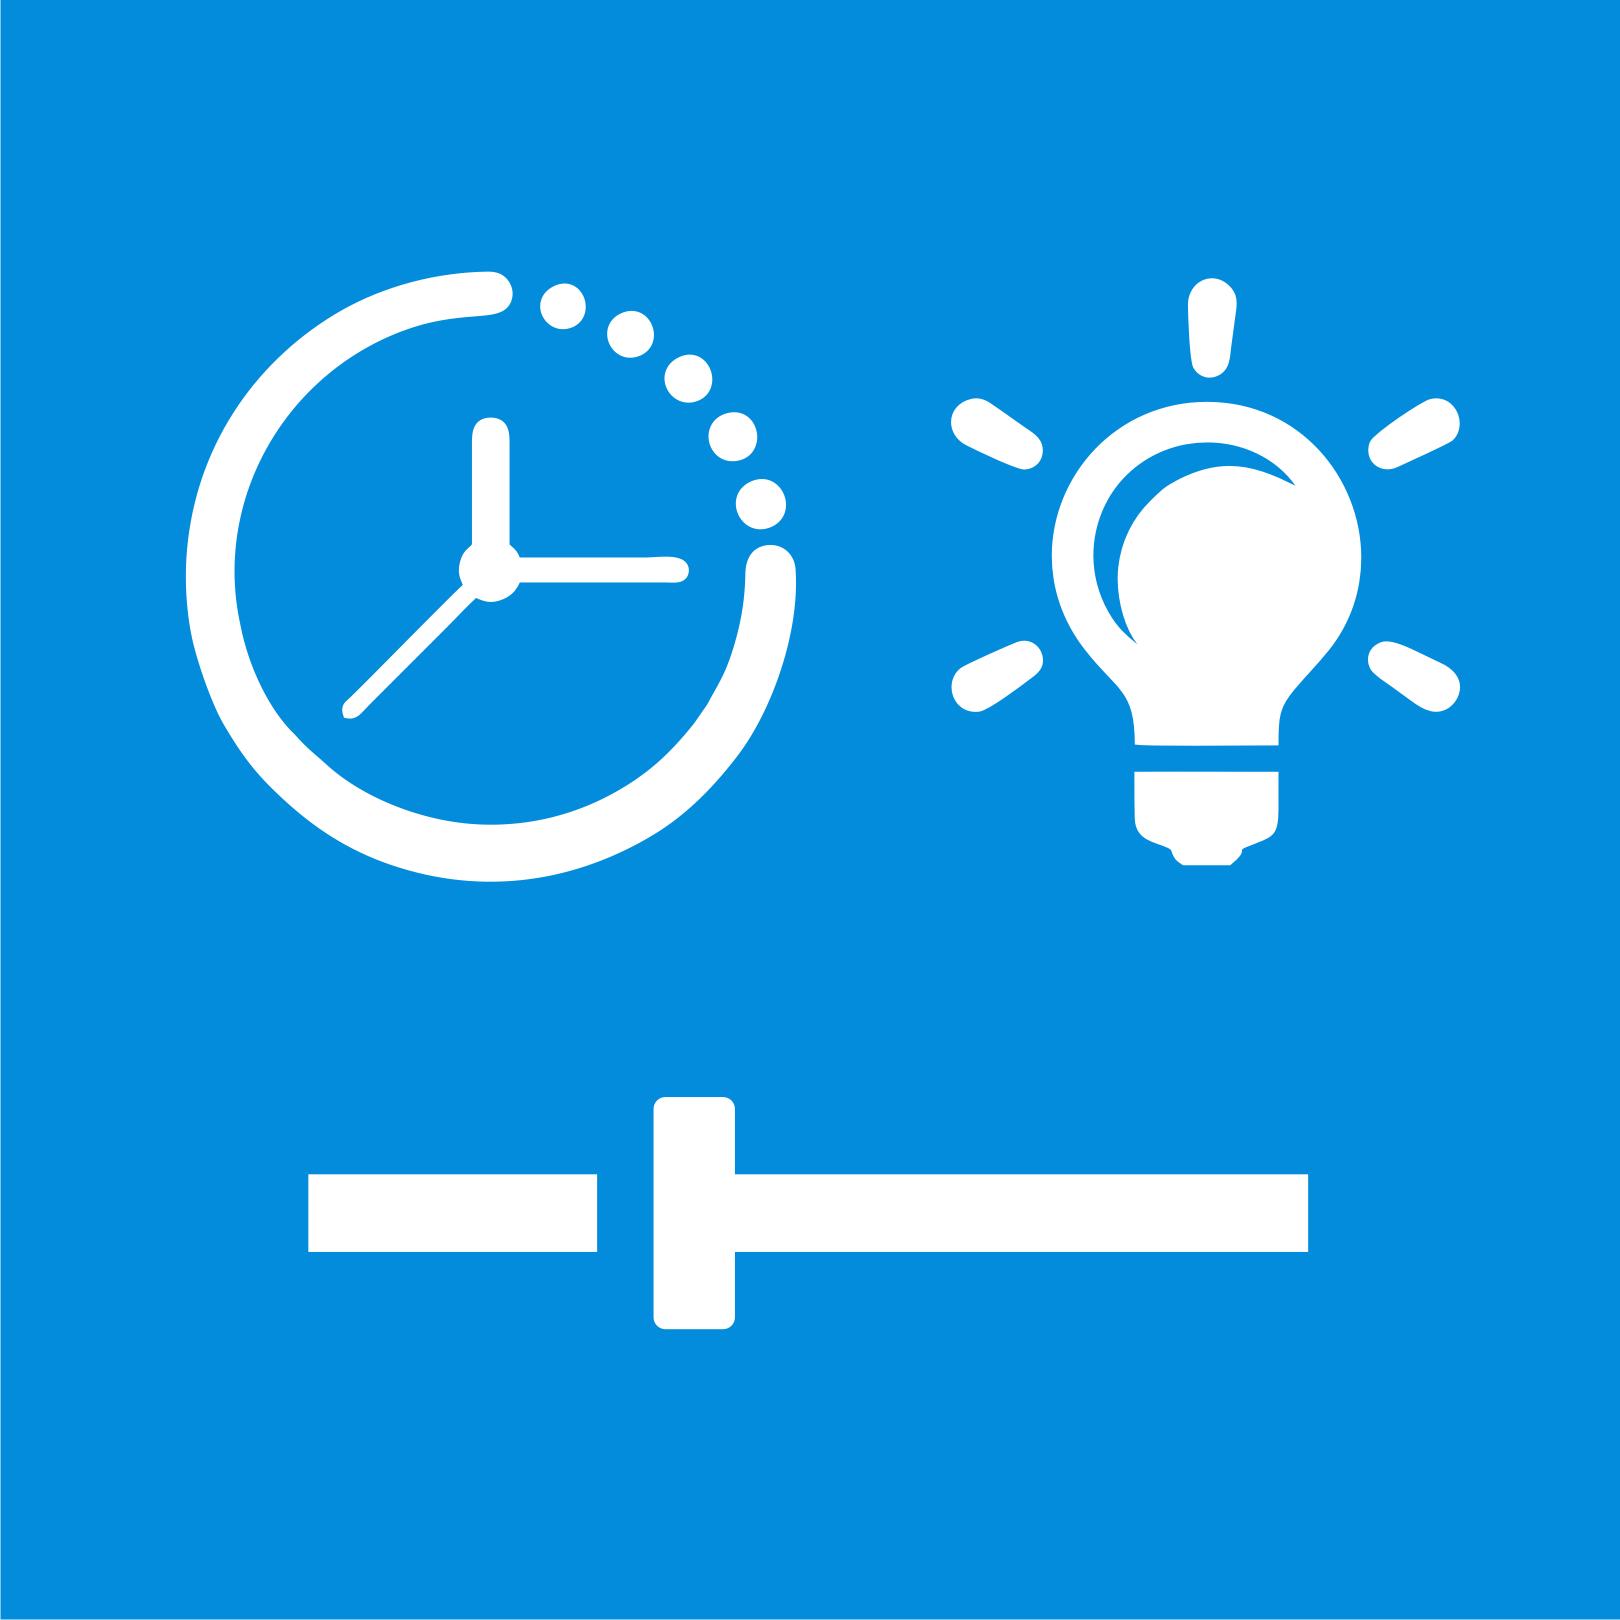 możliwość ustawienia określonej jasności świecenia w zadanych godzinach, lub opcja automatycznej regulacji jasności na podstawie pomiarów z czujnika.